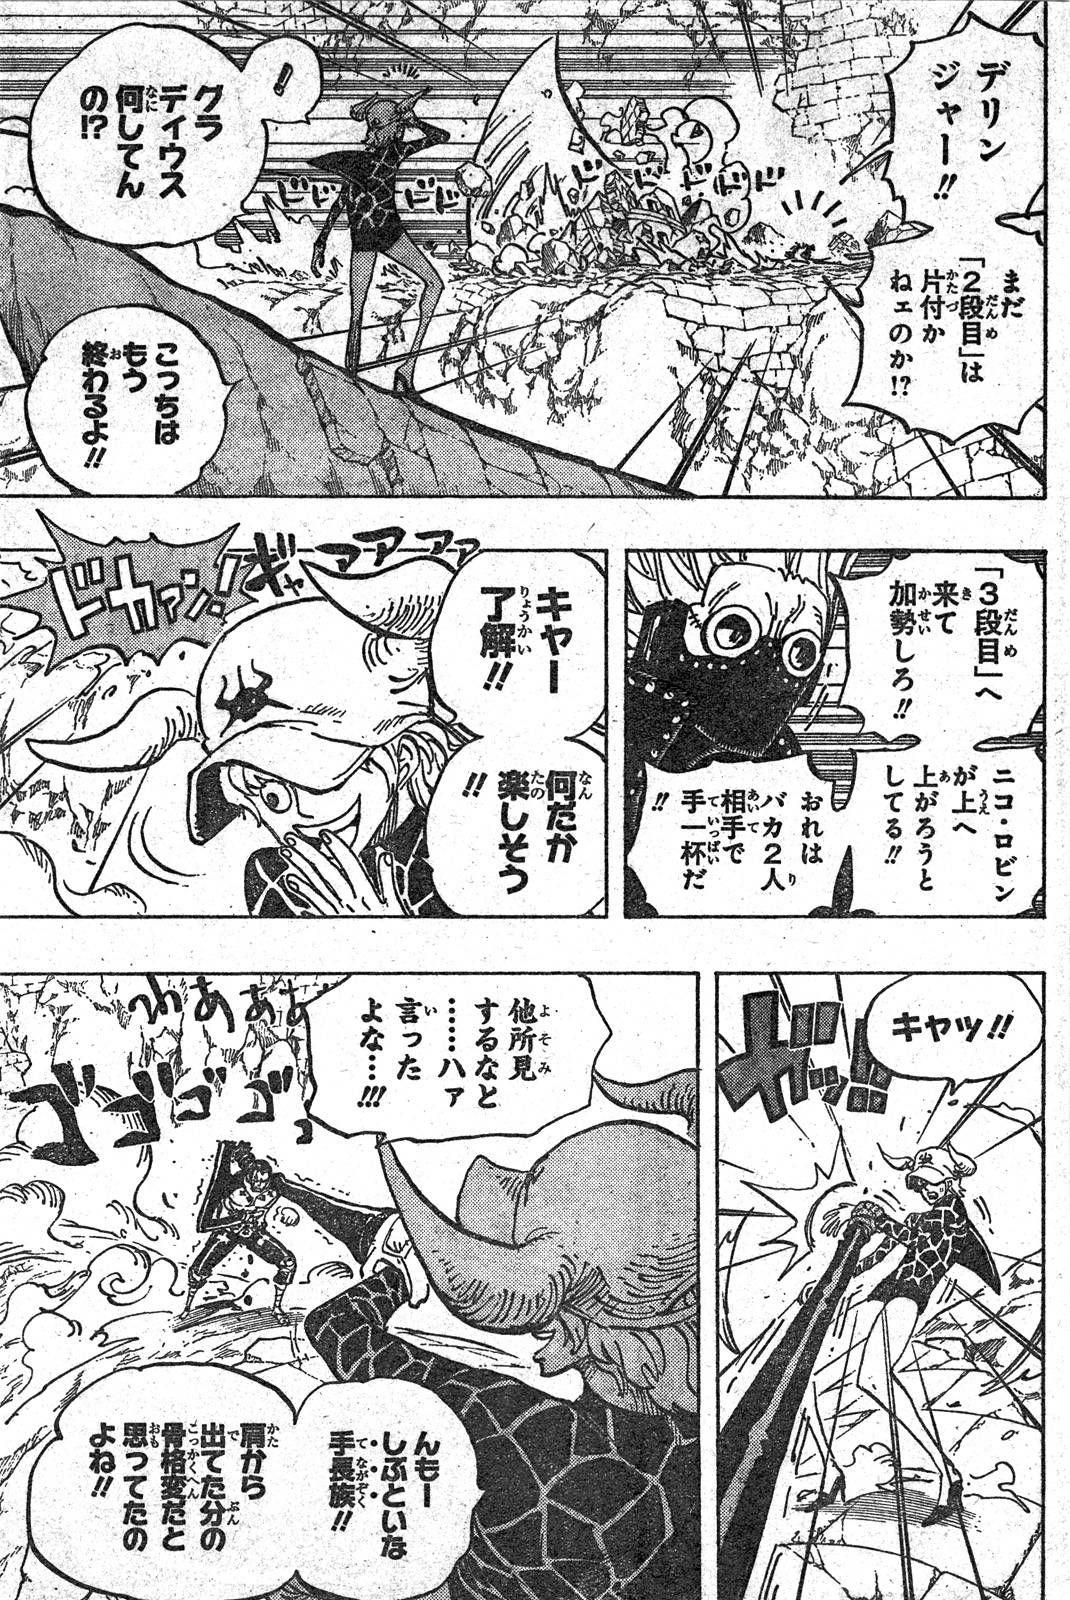 ワンピース chapter 772 page 13 one piece chapter one piece comic one piece